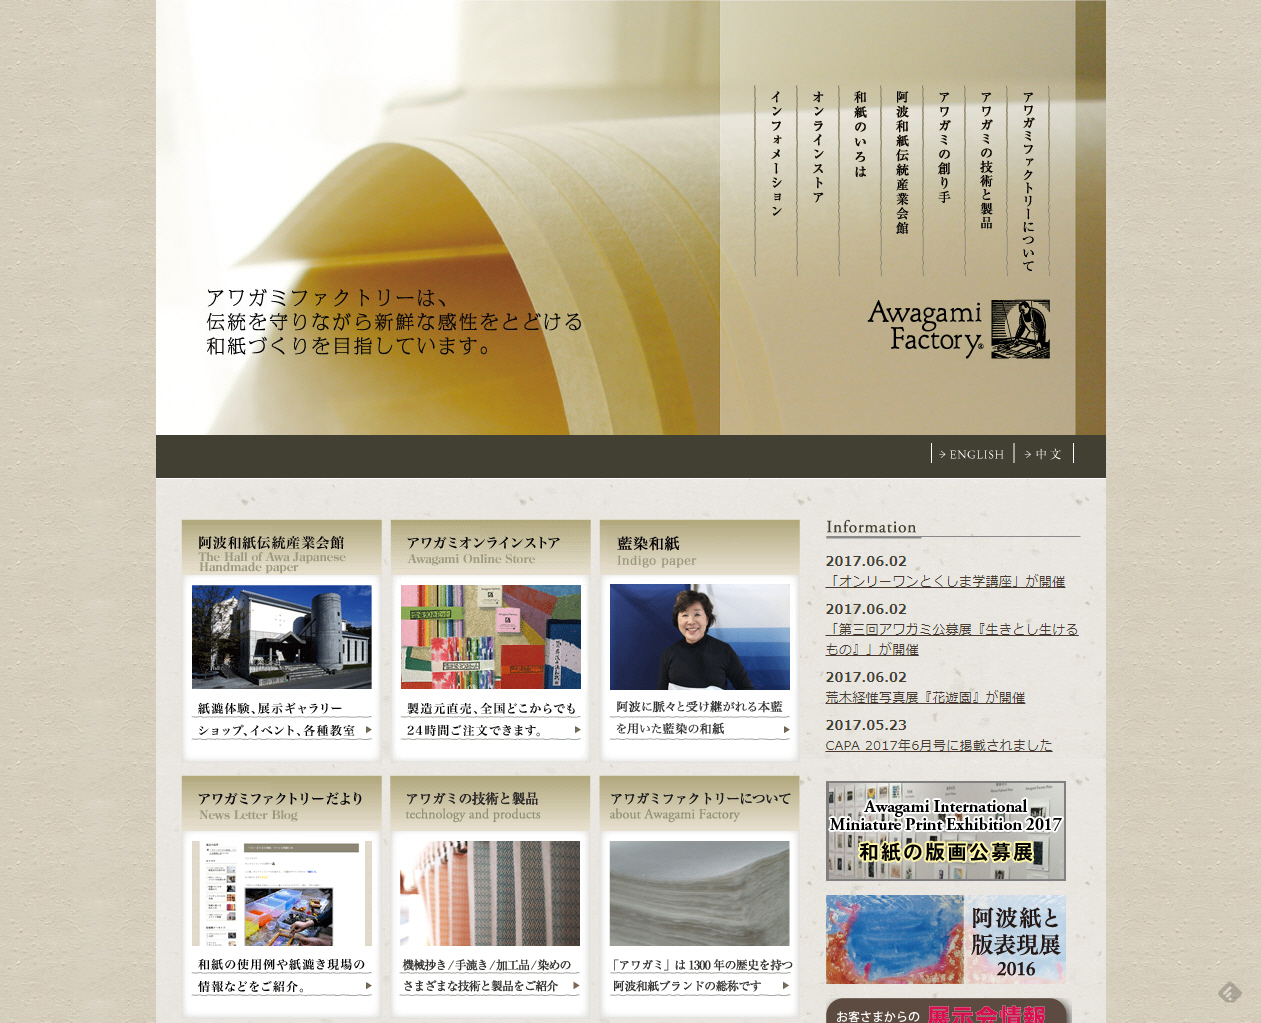 阿波和紙を製造・販売アワガミファクトリー